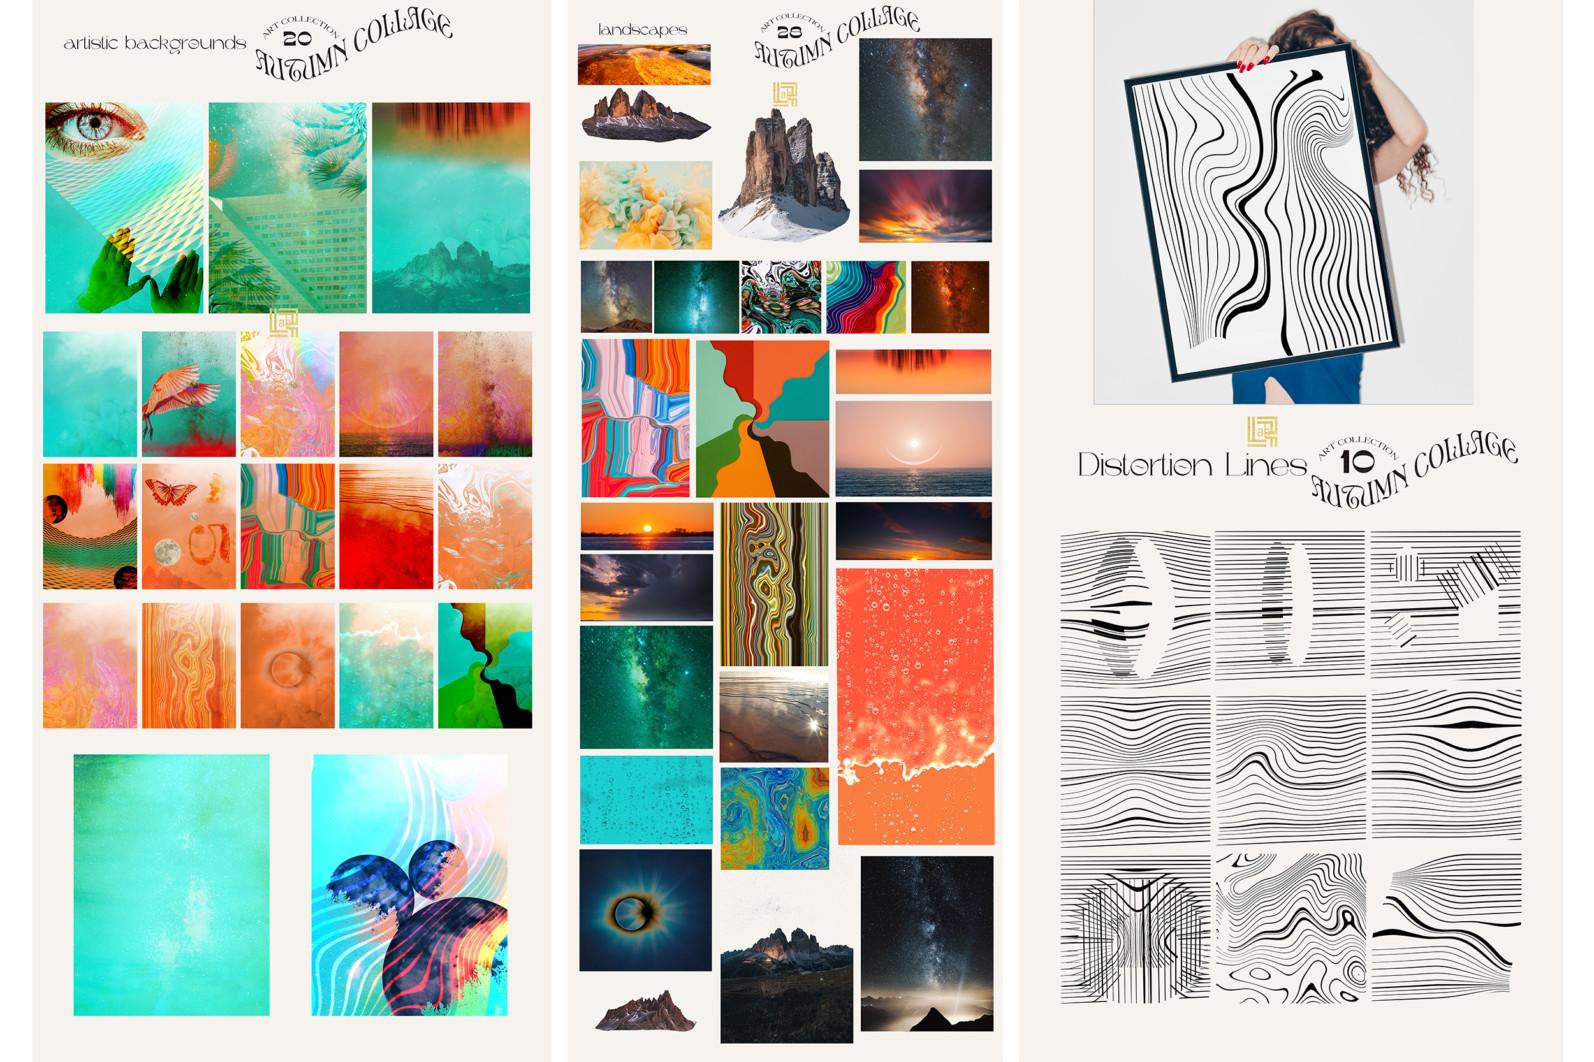 Autumn Collage. Surrealism - FB 3 -